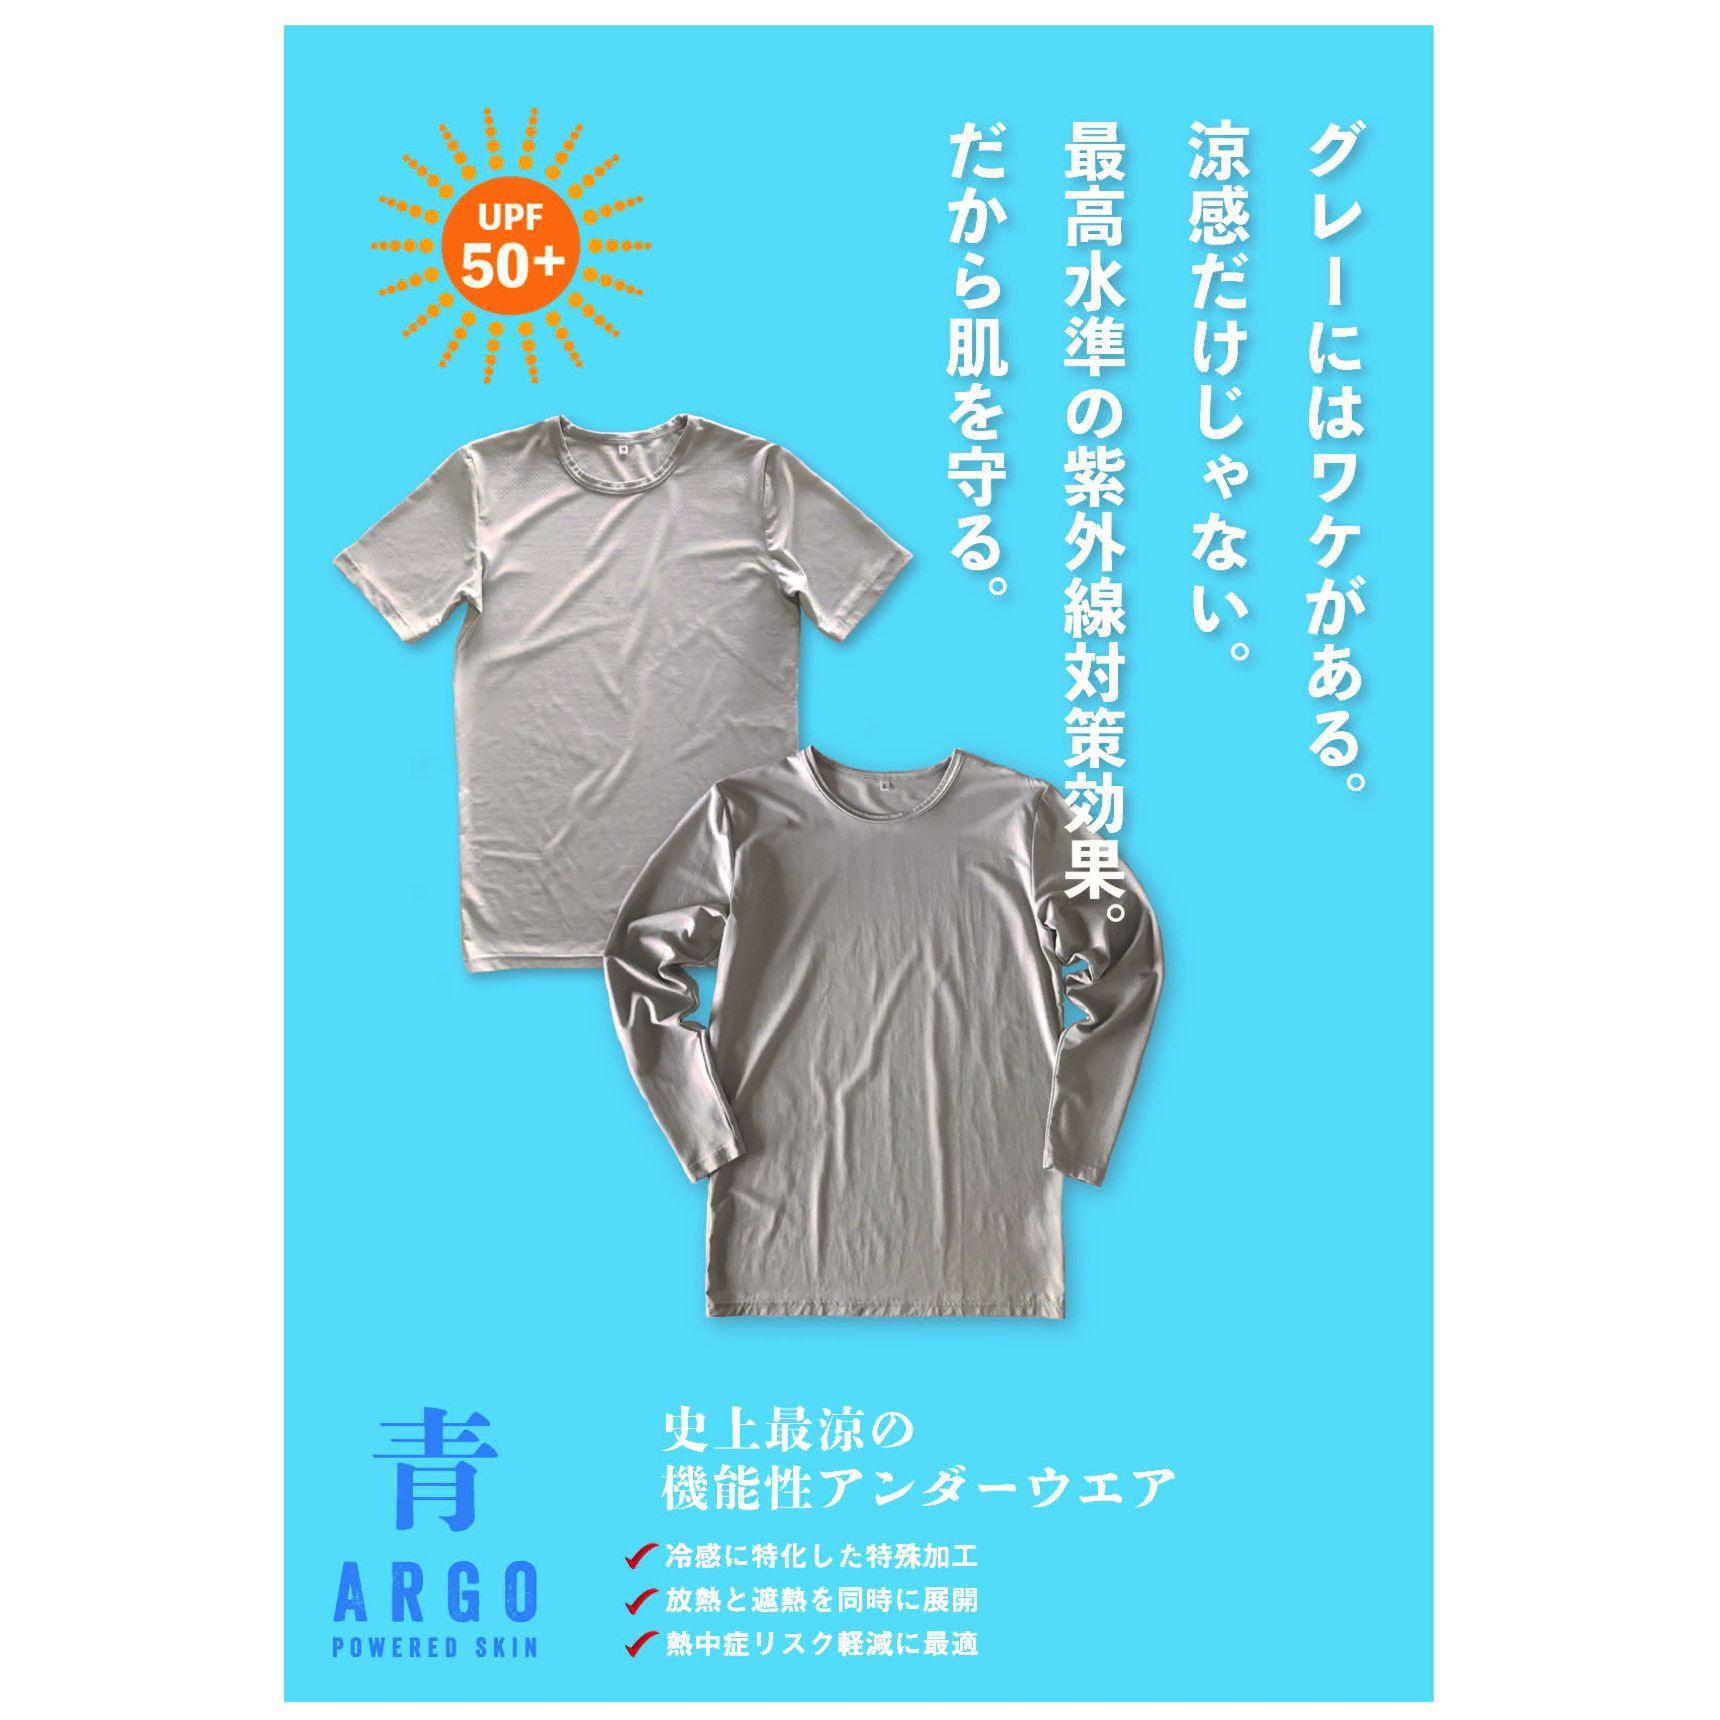 熱中症対策!機能性アンダーウェア『ARGO青』